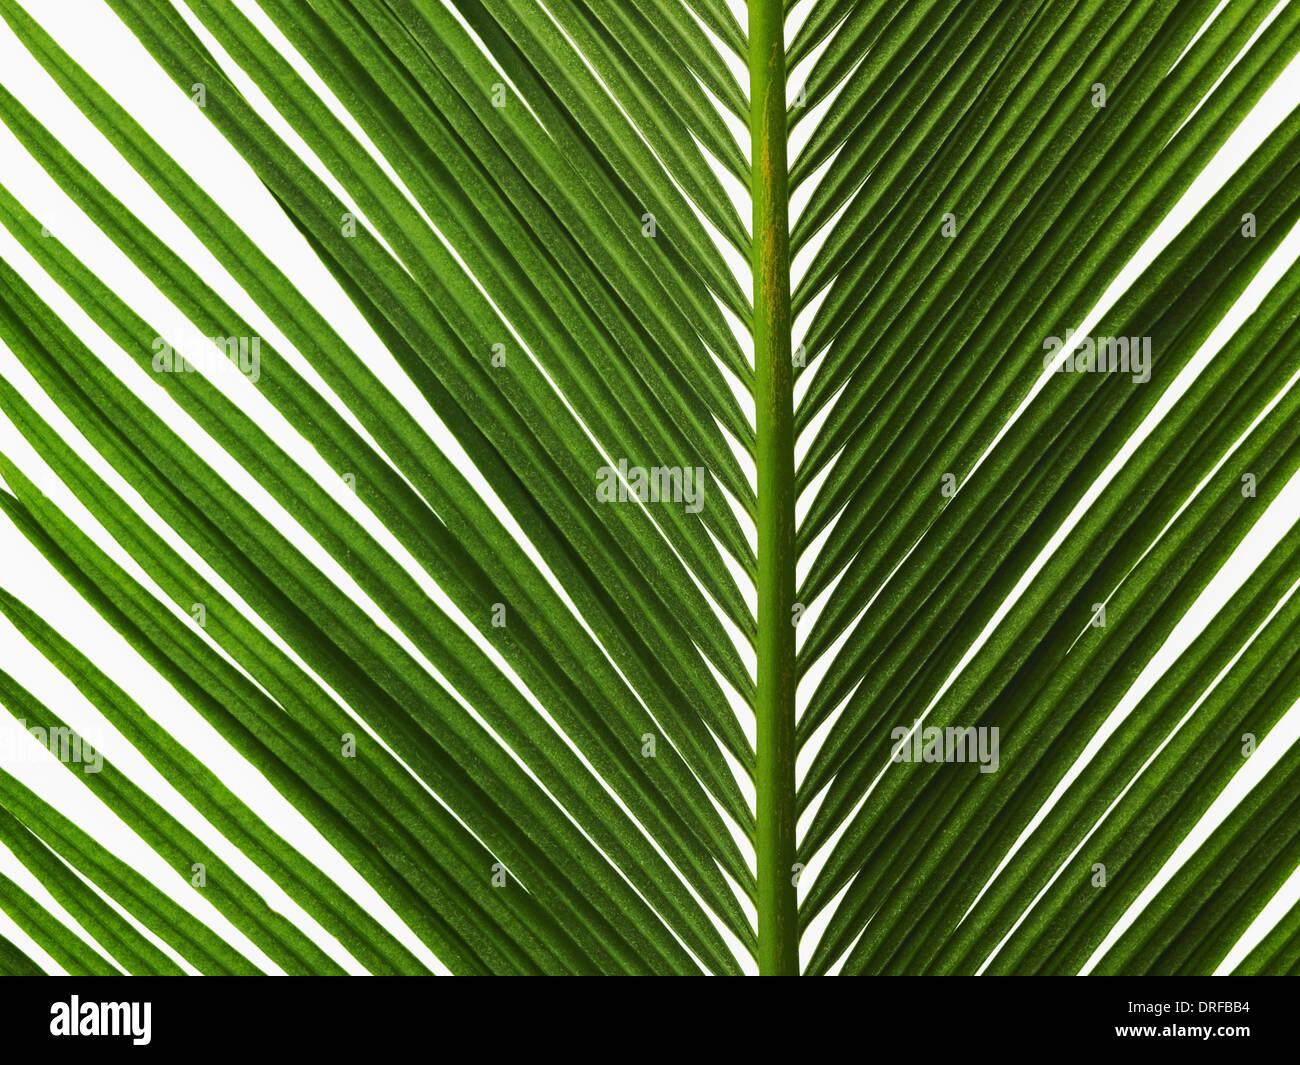 Verde lucida di foglie di palma da vicino con nervatura centrale Immagini Stock